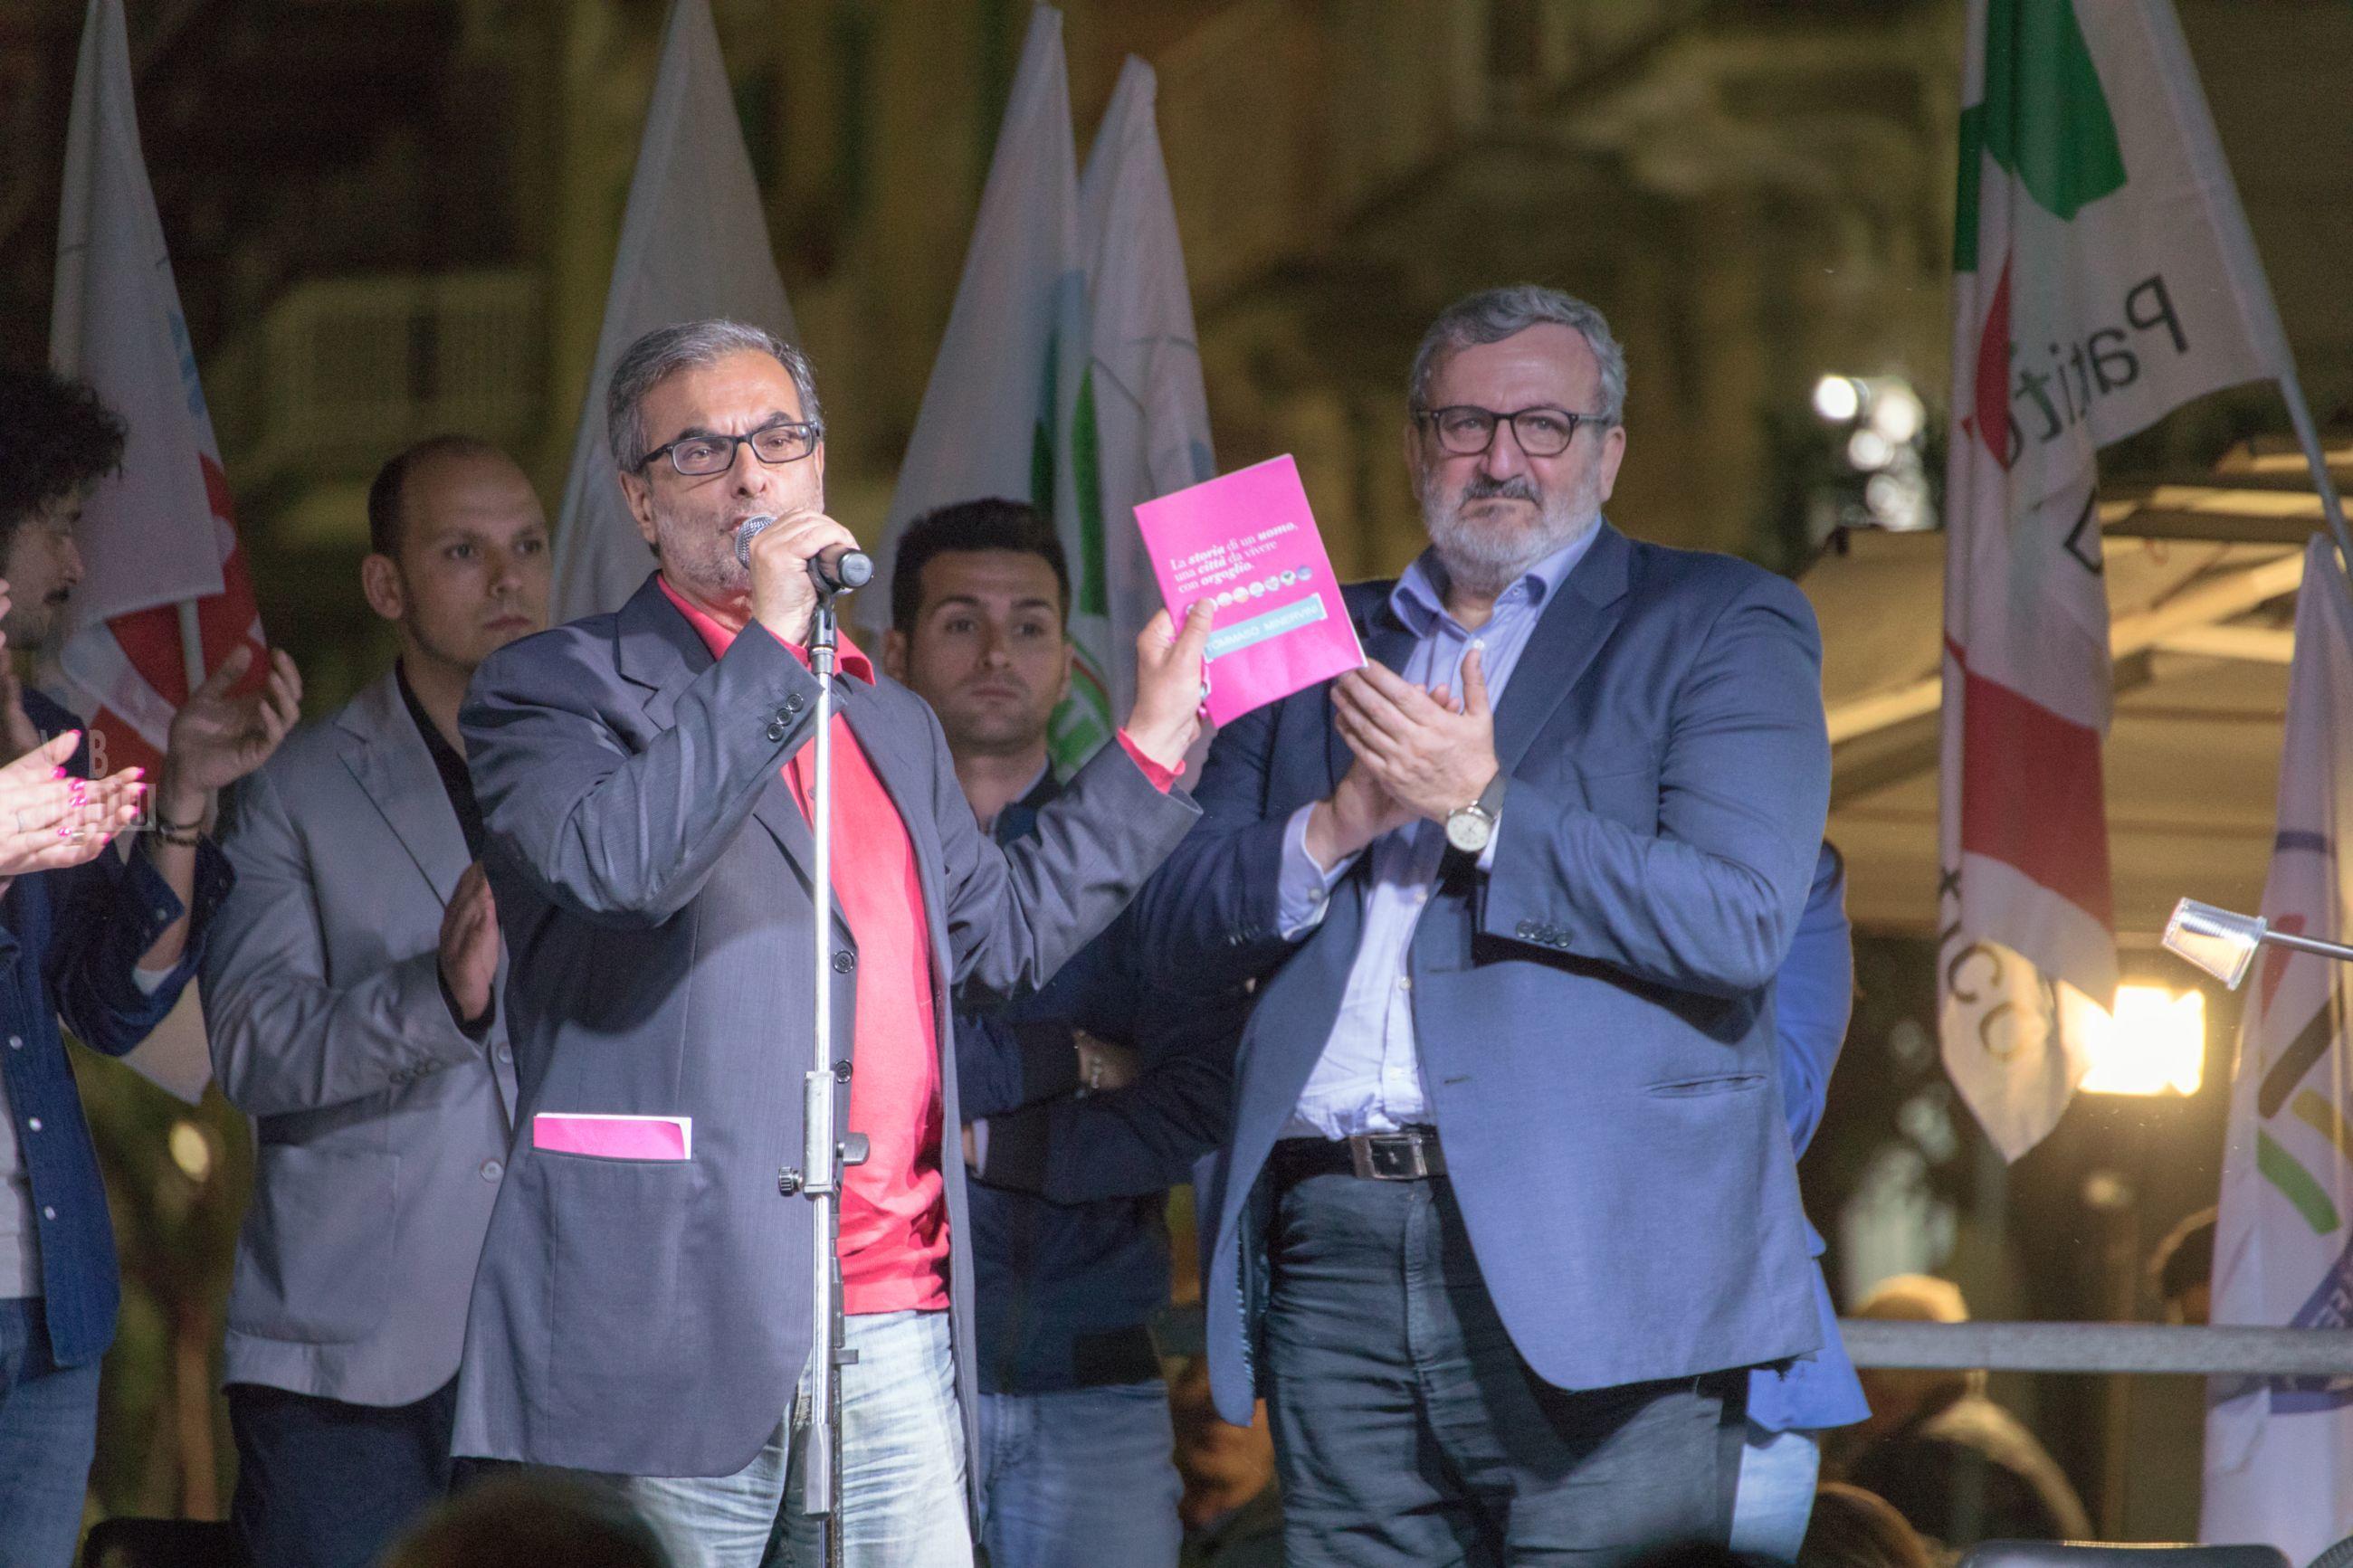 Comizio candidato sindaco Tommaso Minervini con Michele Emiliano - 26 maggio 2017 - Molfetta